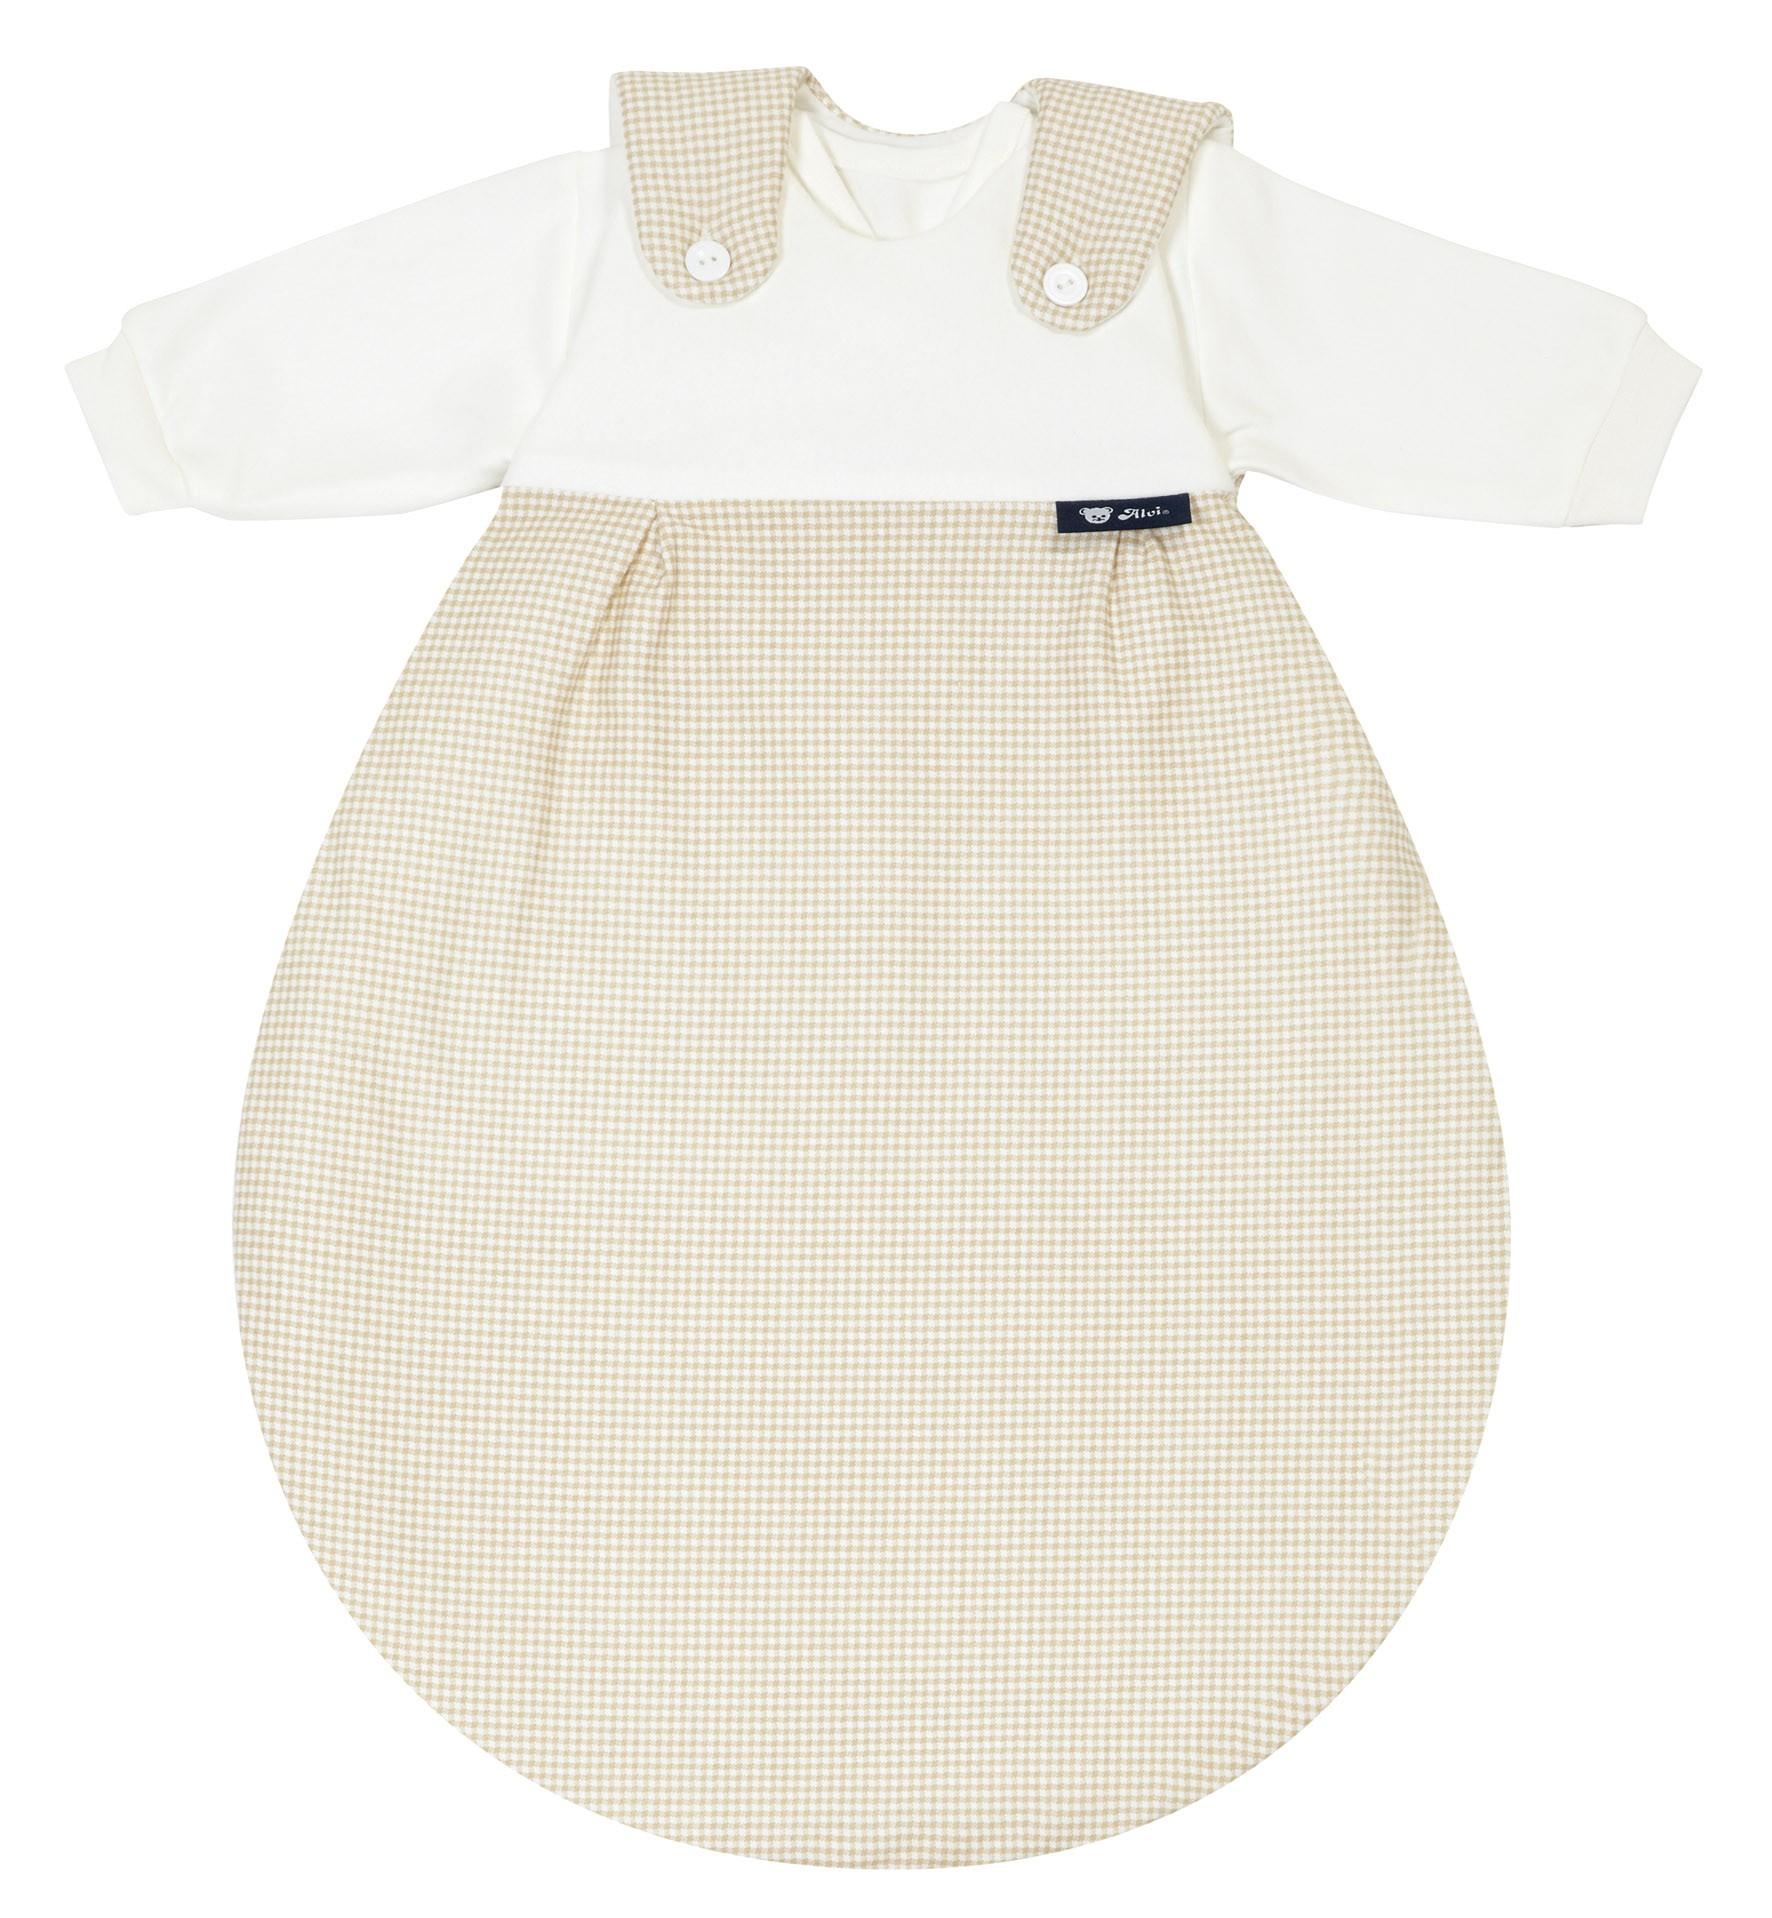 Alvi Baby Mäxchen 372-6 Karo beige